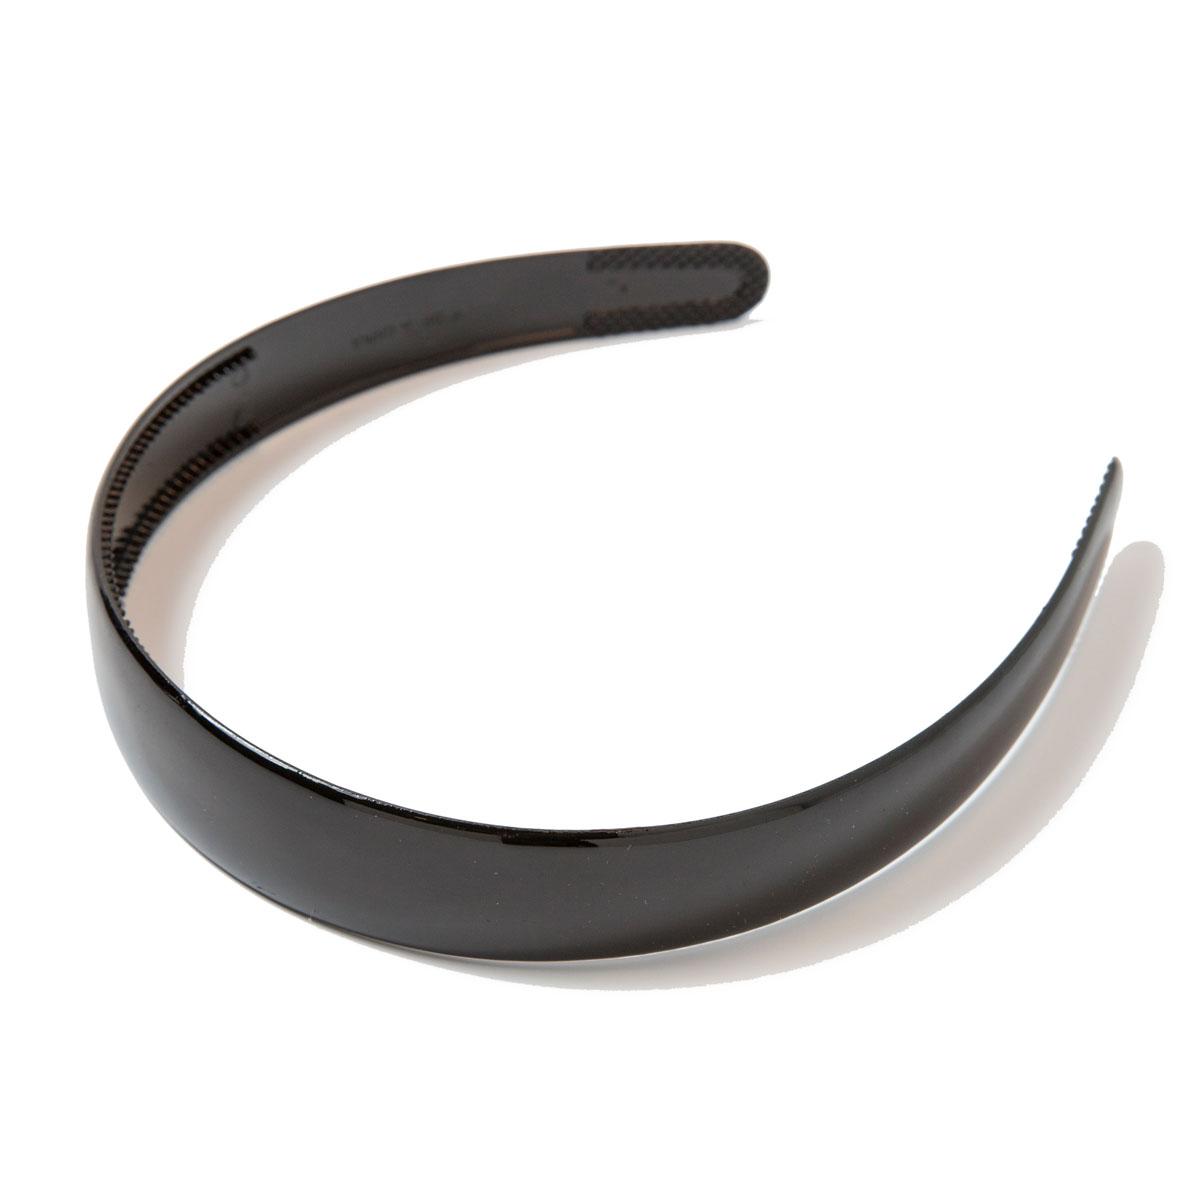 Ободок для волос Mitya Veselkov, цвет: черный. OBOD1BLAOBOD1BLAПравильно подобранный к цветовой гамме одежды, ободок сделает вас стильной и женственной, подчеркнет красивые черты вашего лица. Лаконичный ободок для волос Mitya Veselkov выполнен из прочного пластика. Ободок позволит не только убрать непослушные волосы со лба, но и придать вашему образу романтичности и очарования.